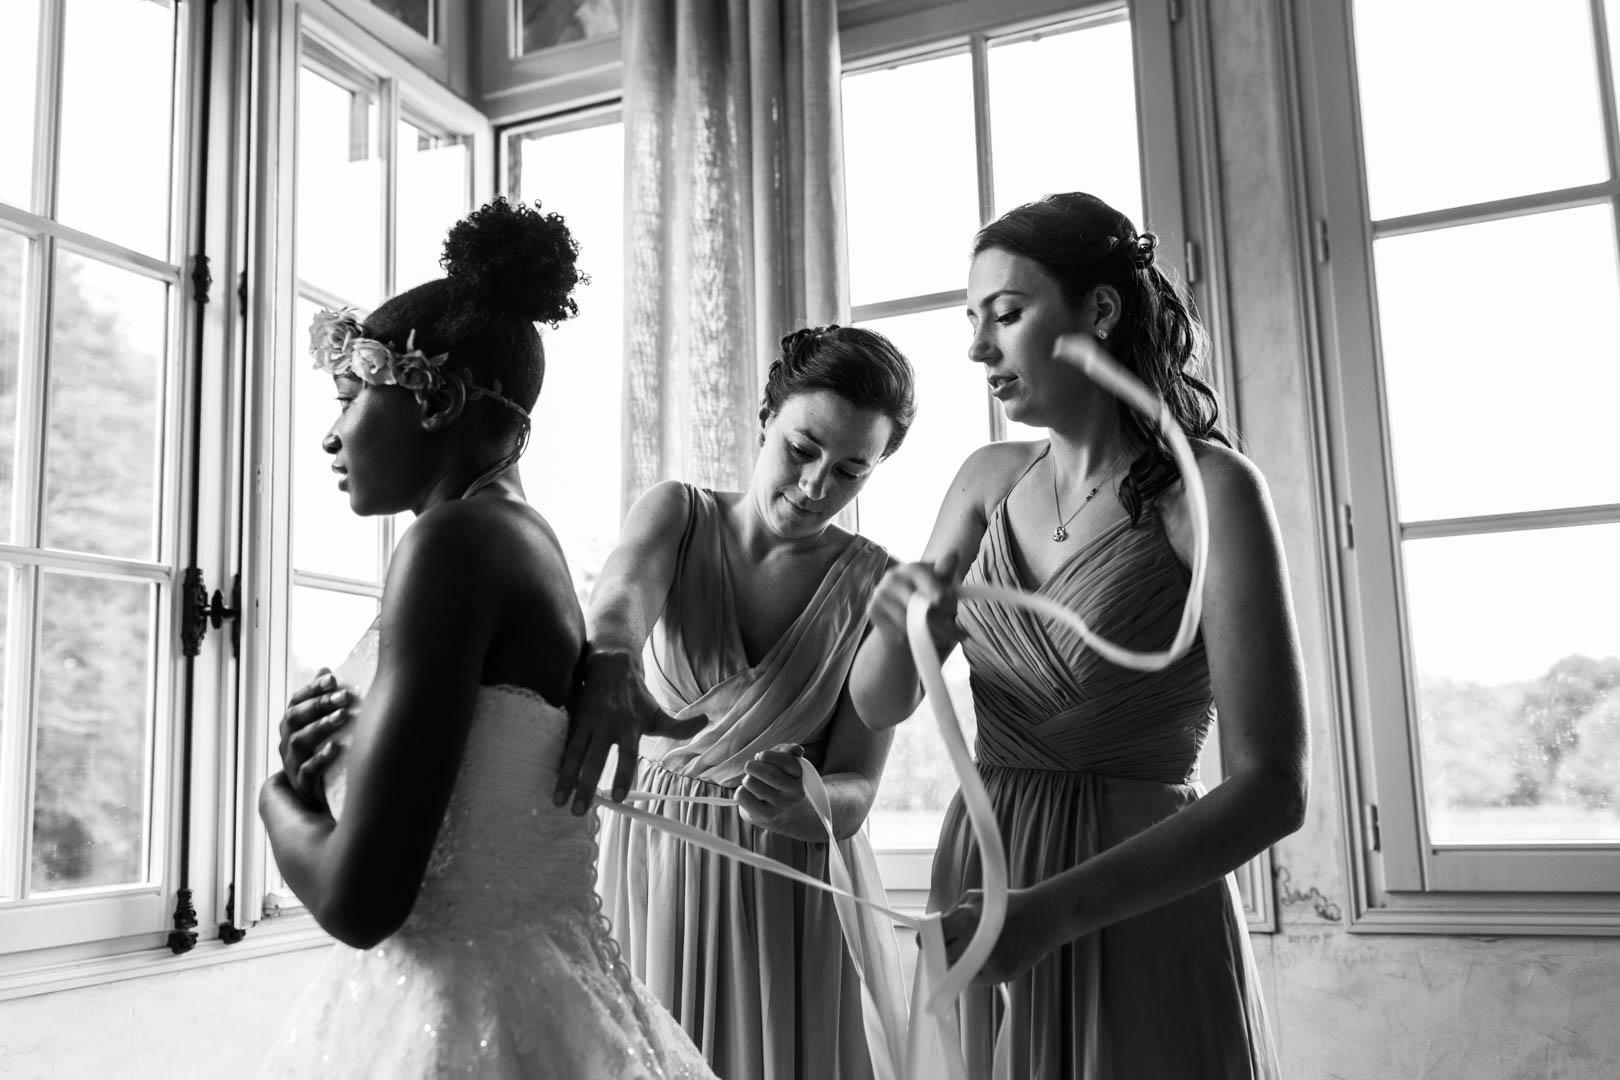 derniers ajustements sur la robe de la mariée (2)